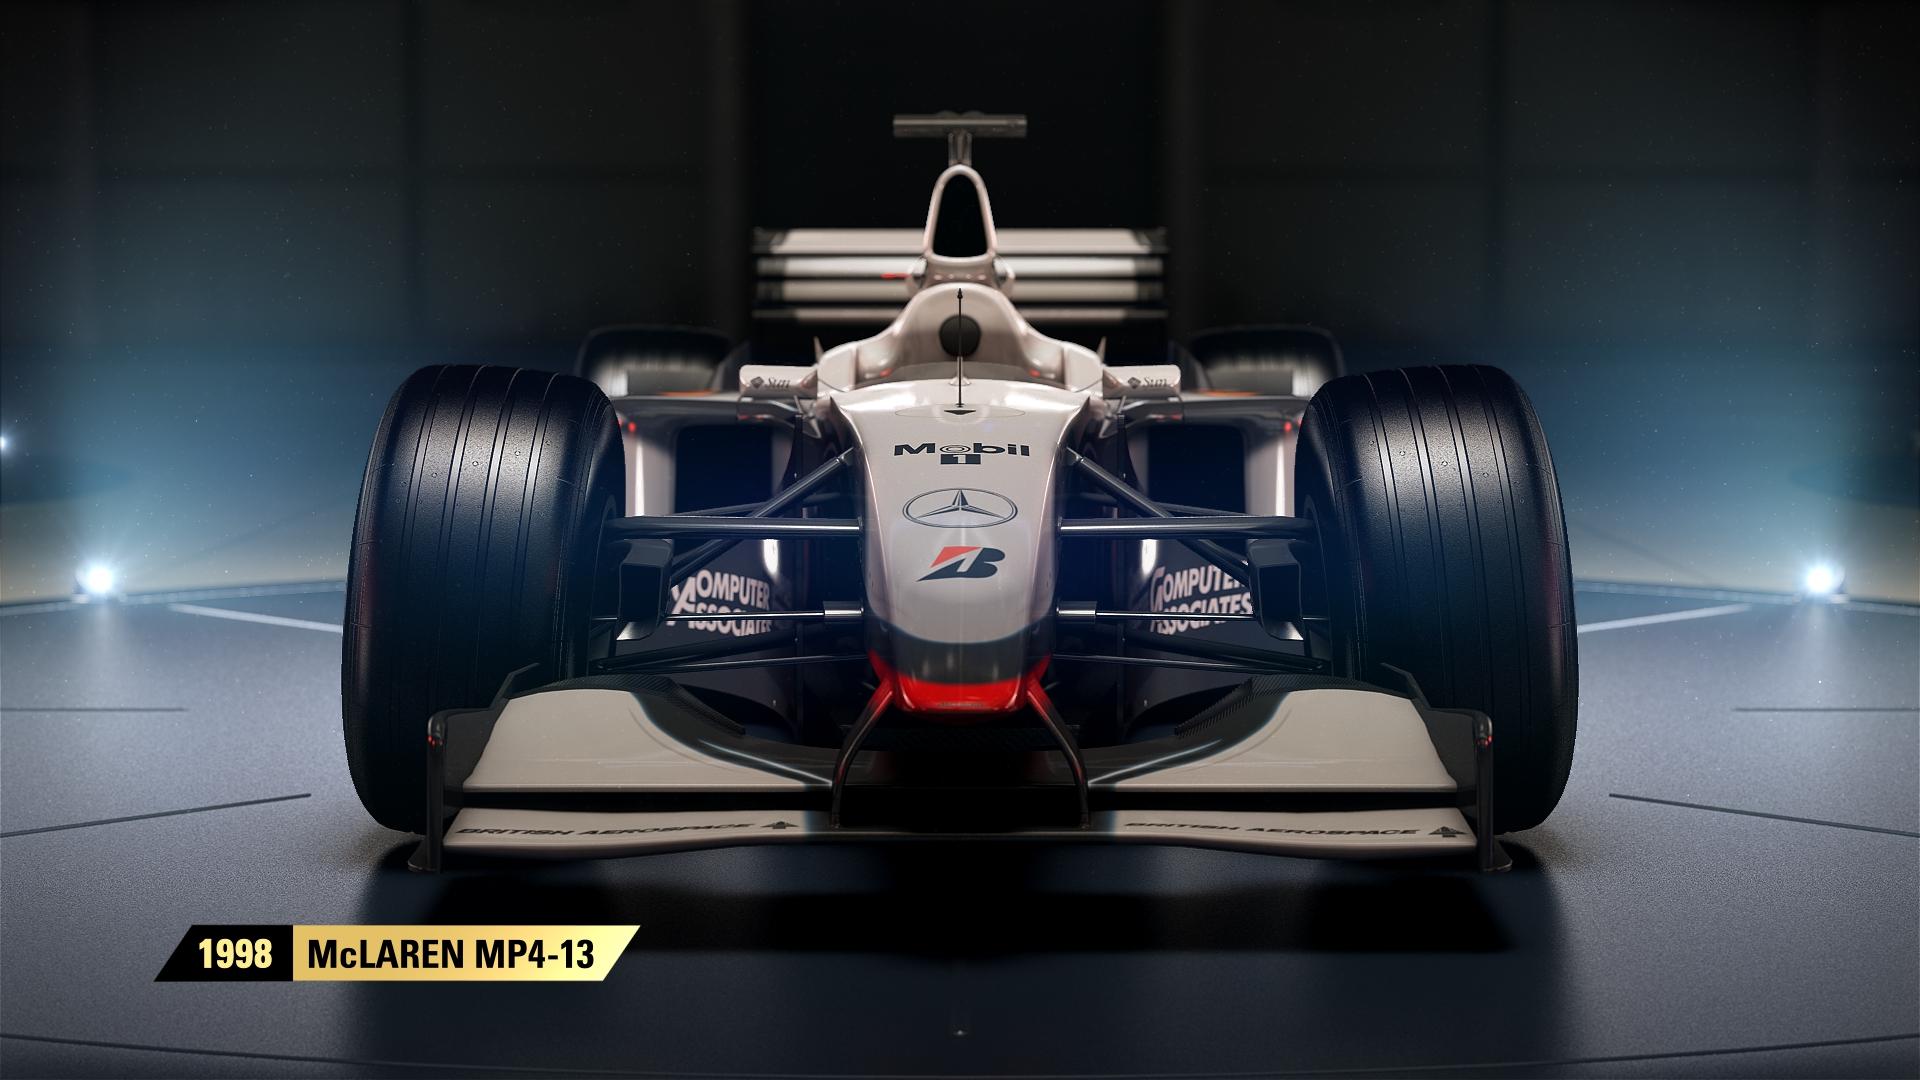 Clamoroso: il campionato eSports di F.1 avrà titolazione mondiale!